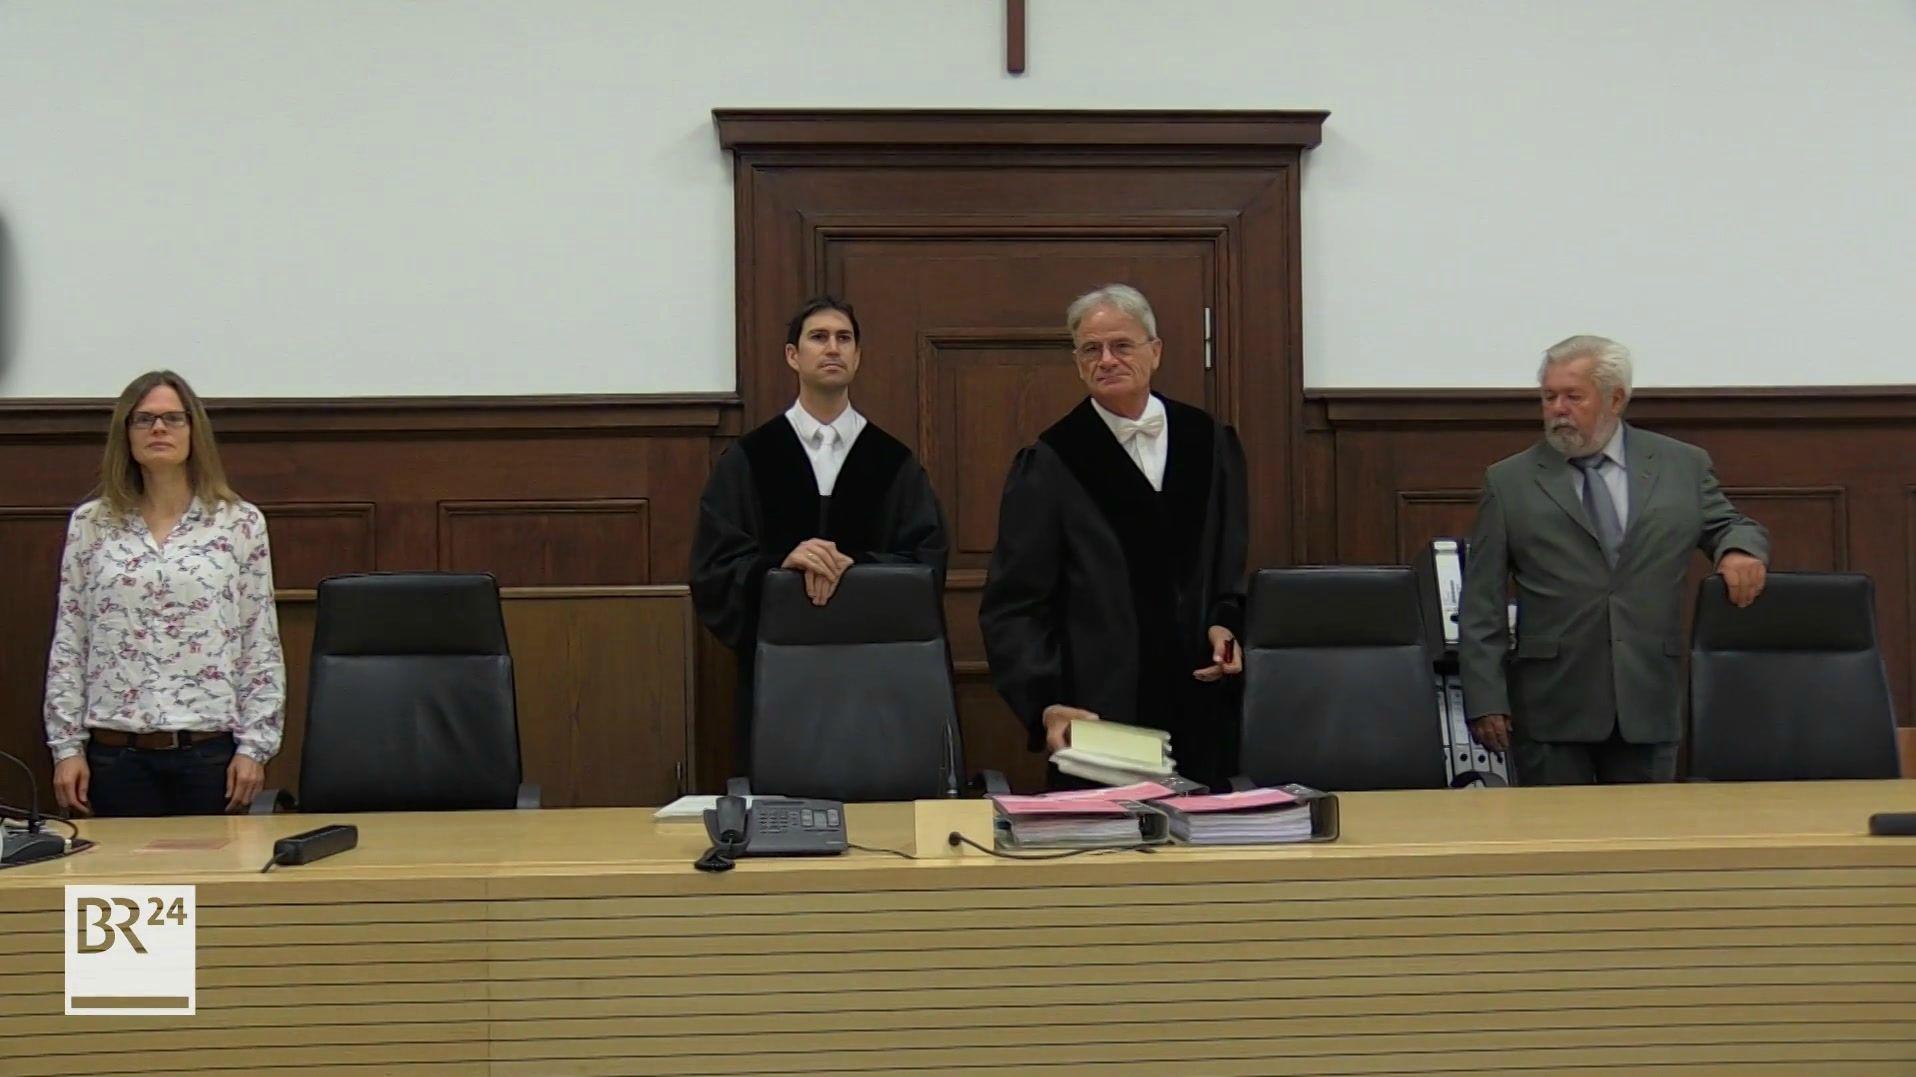 Mitglieder der McDonalds-Bande stehen vor Gerichtssaal